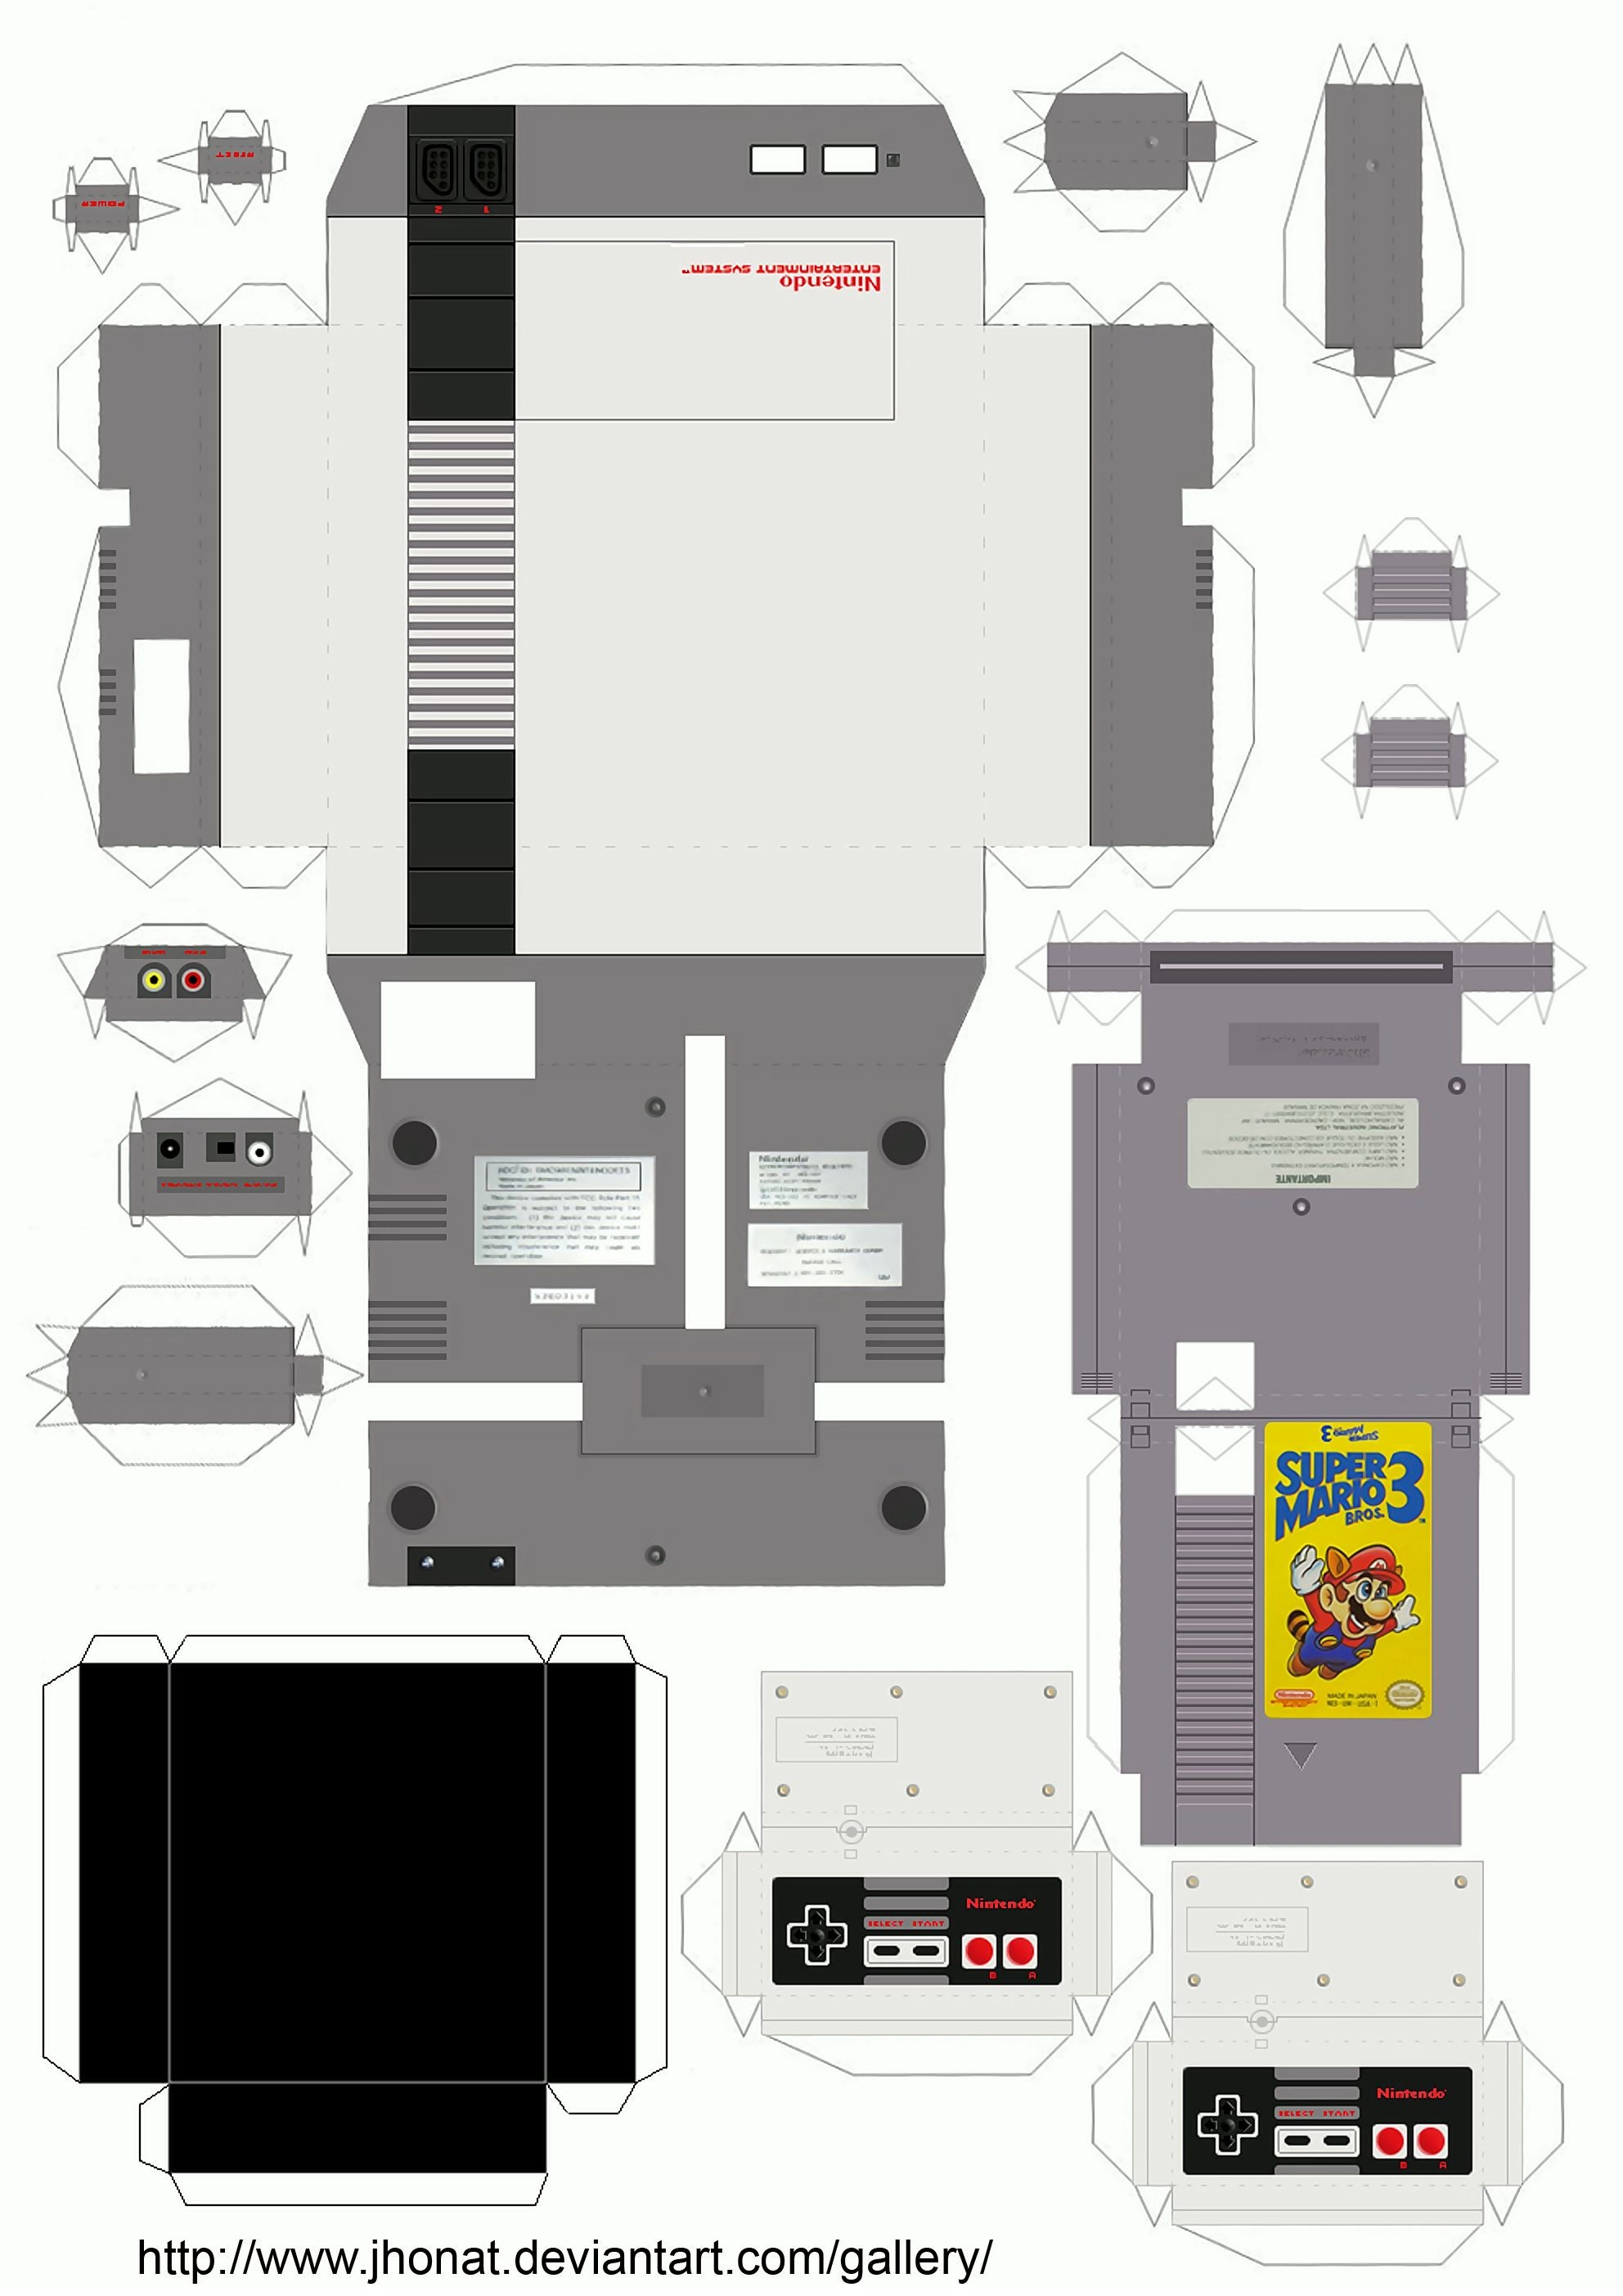 Nintendo Ds Papercraft Nes Papercraft by Jhonat D2sbr30 1 984—2 806 Pixels